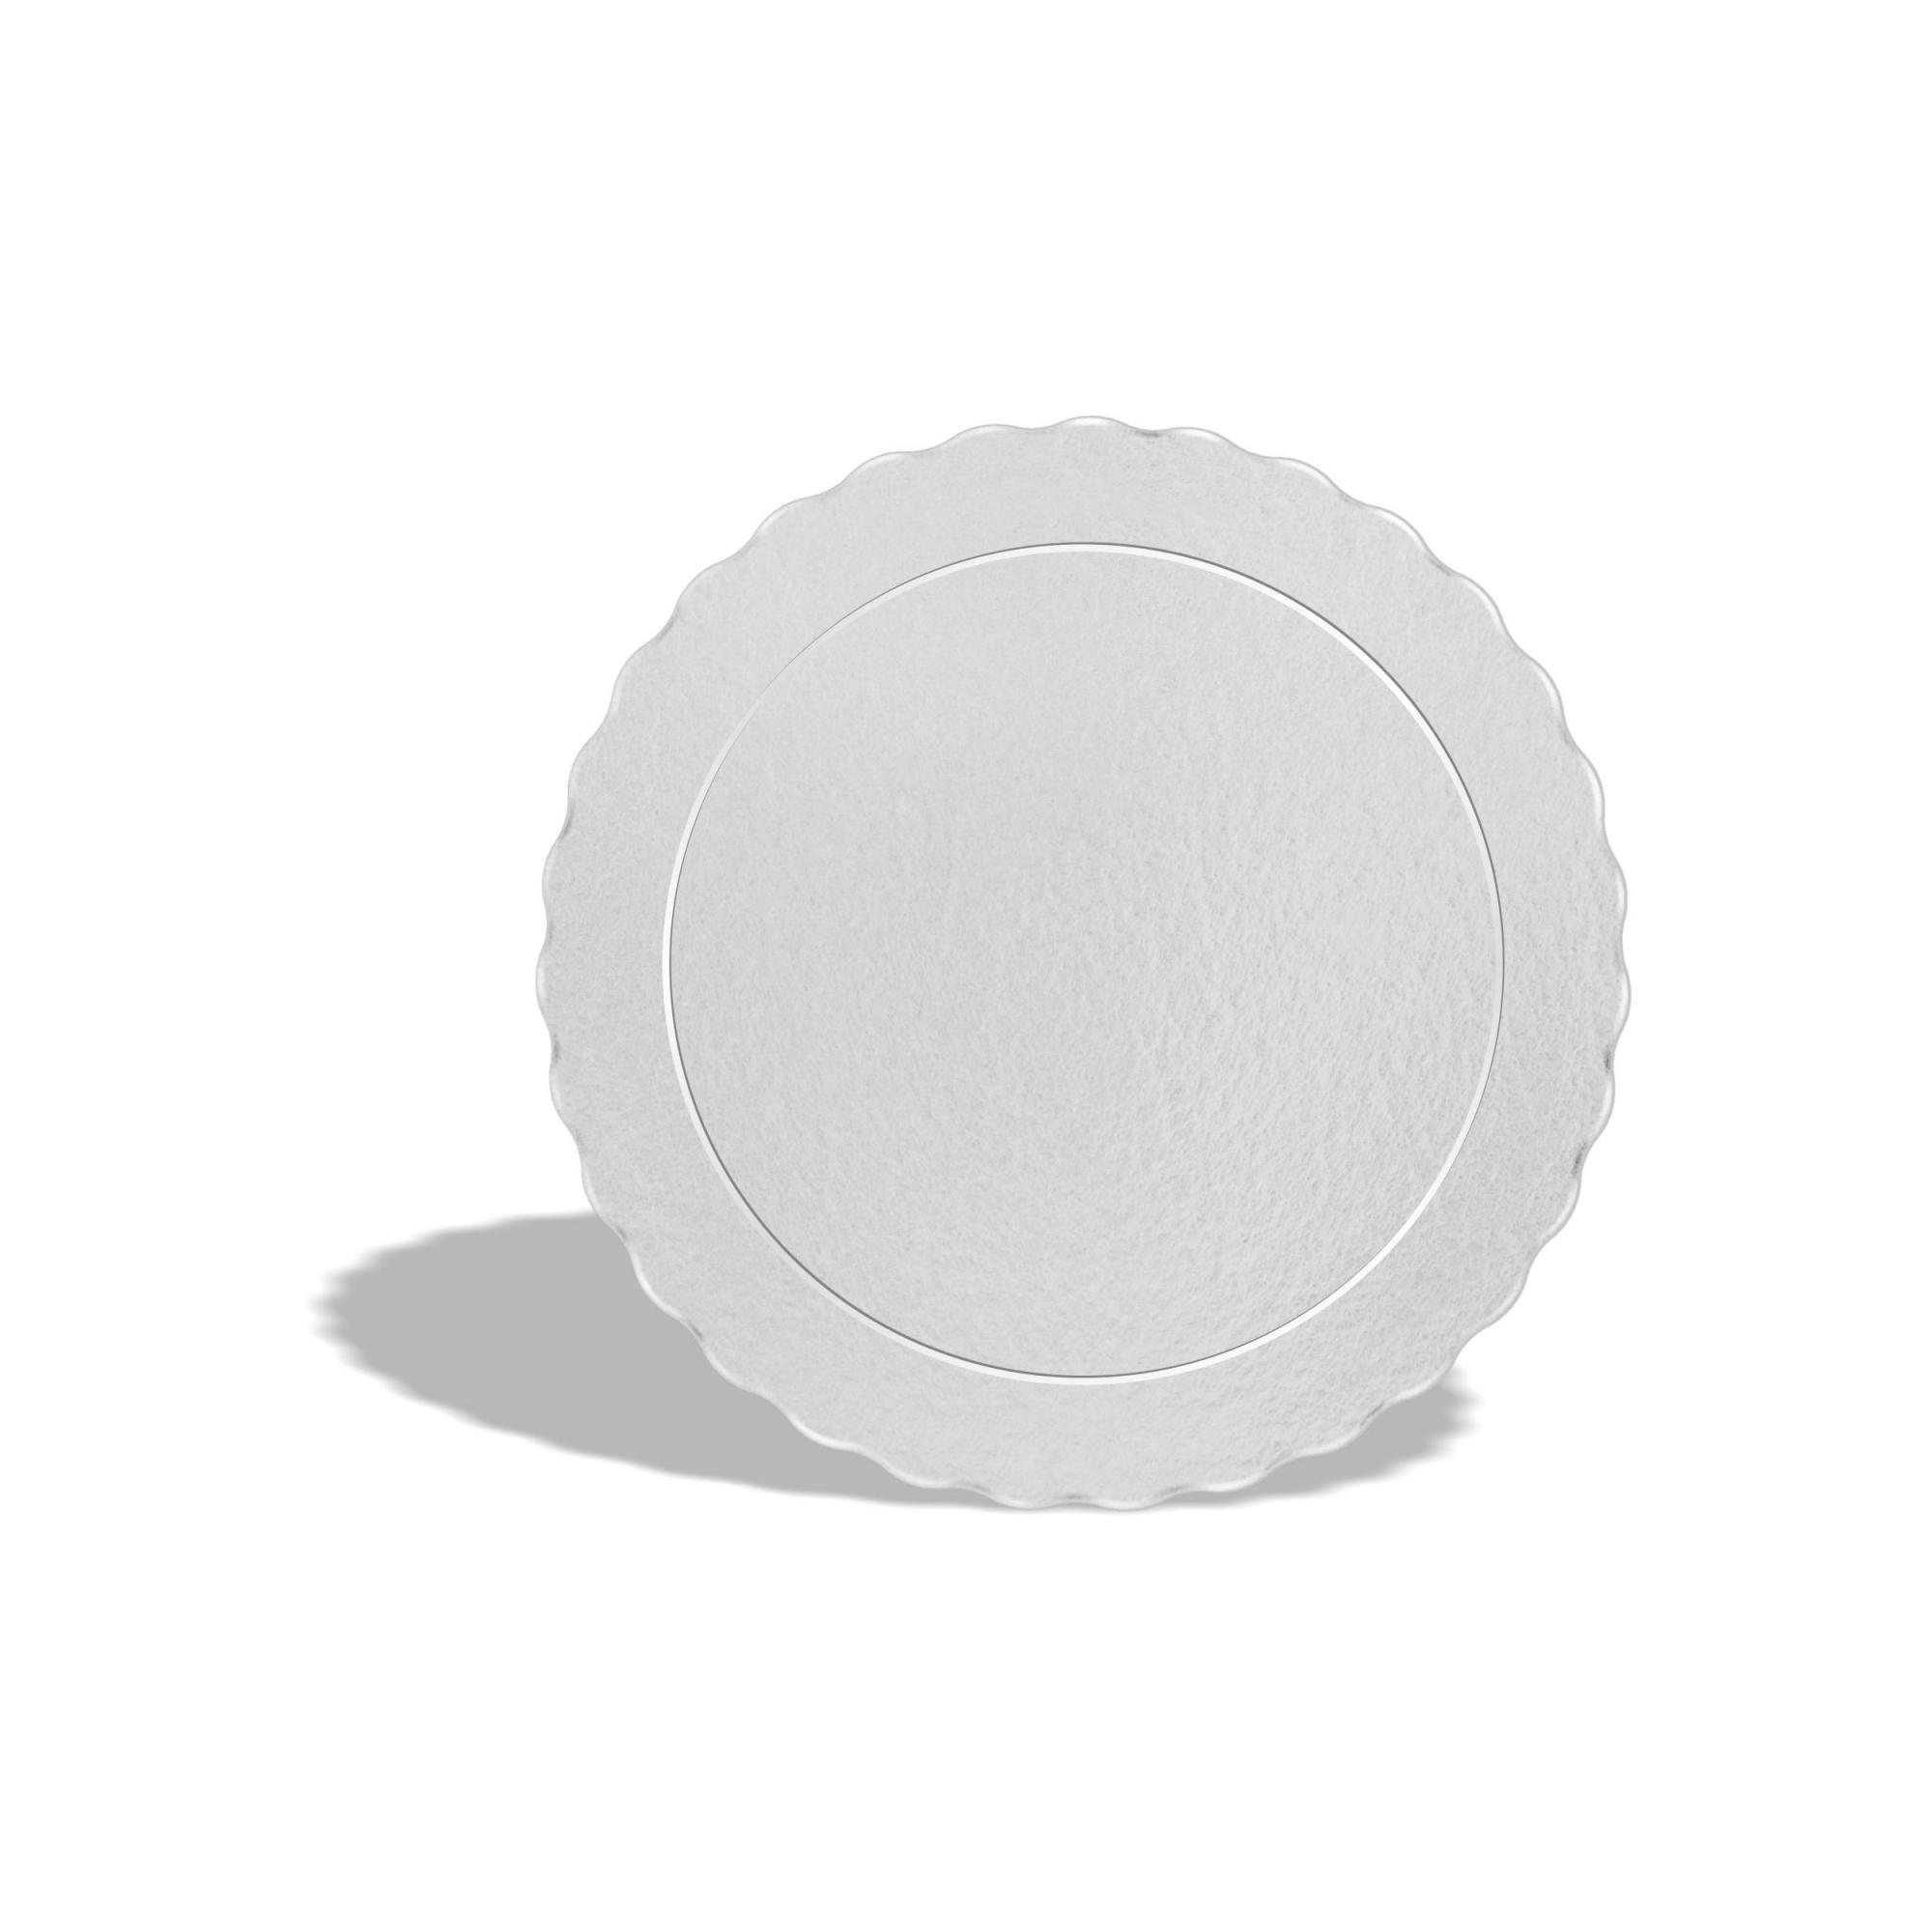 100 Bases Laminadas, Suporte P/ Bolo, Cake Board, 17cm - Branca